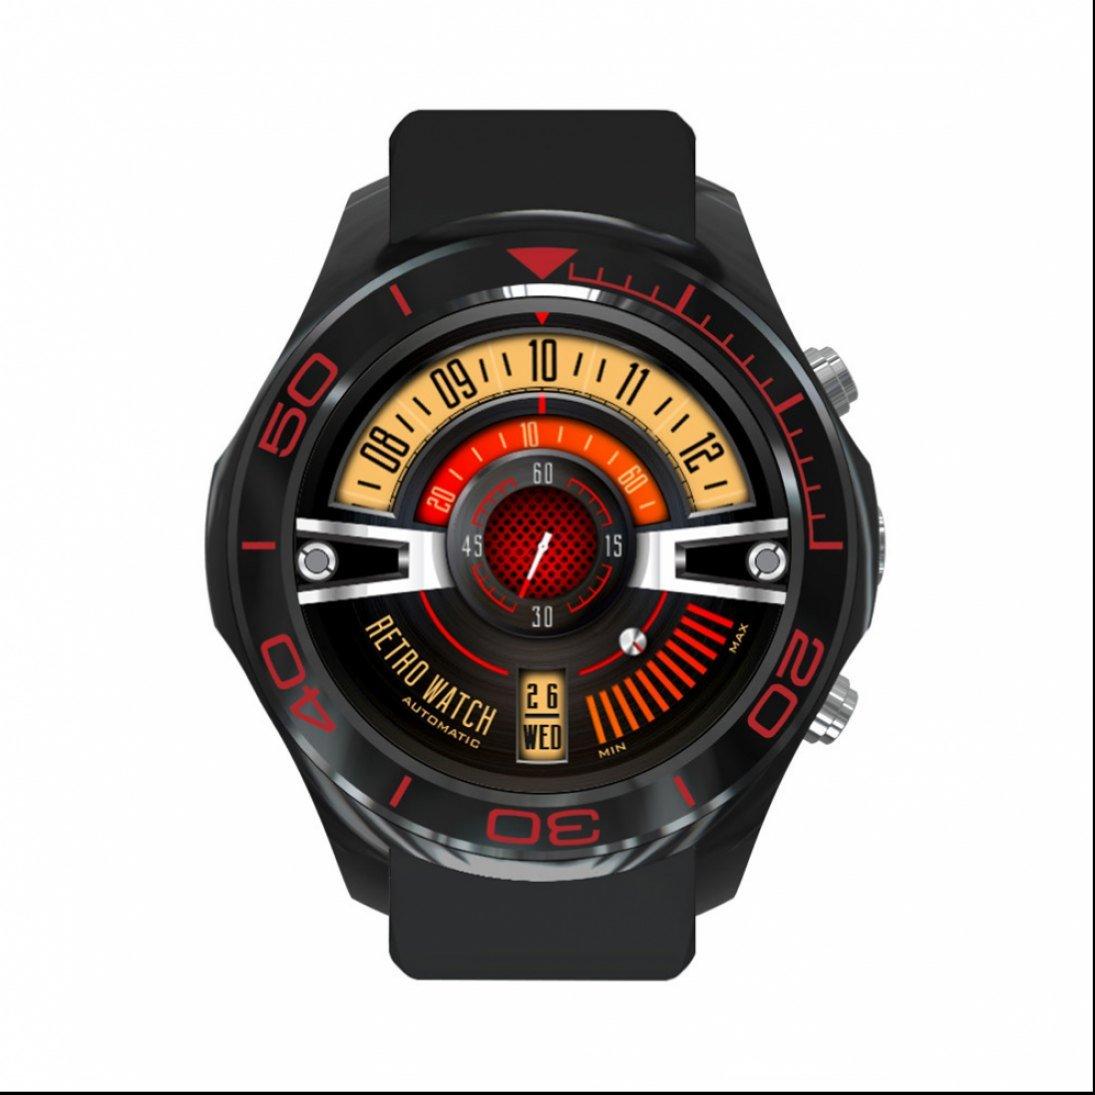 Handy Uhr Mit Sim Karte.Smartuhr Android Smartwatch Handy Uhr Unterst Uuml Tzung Sim Karte